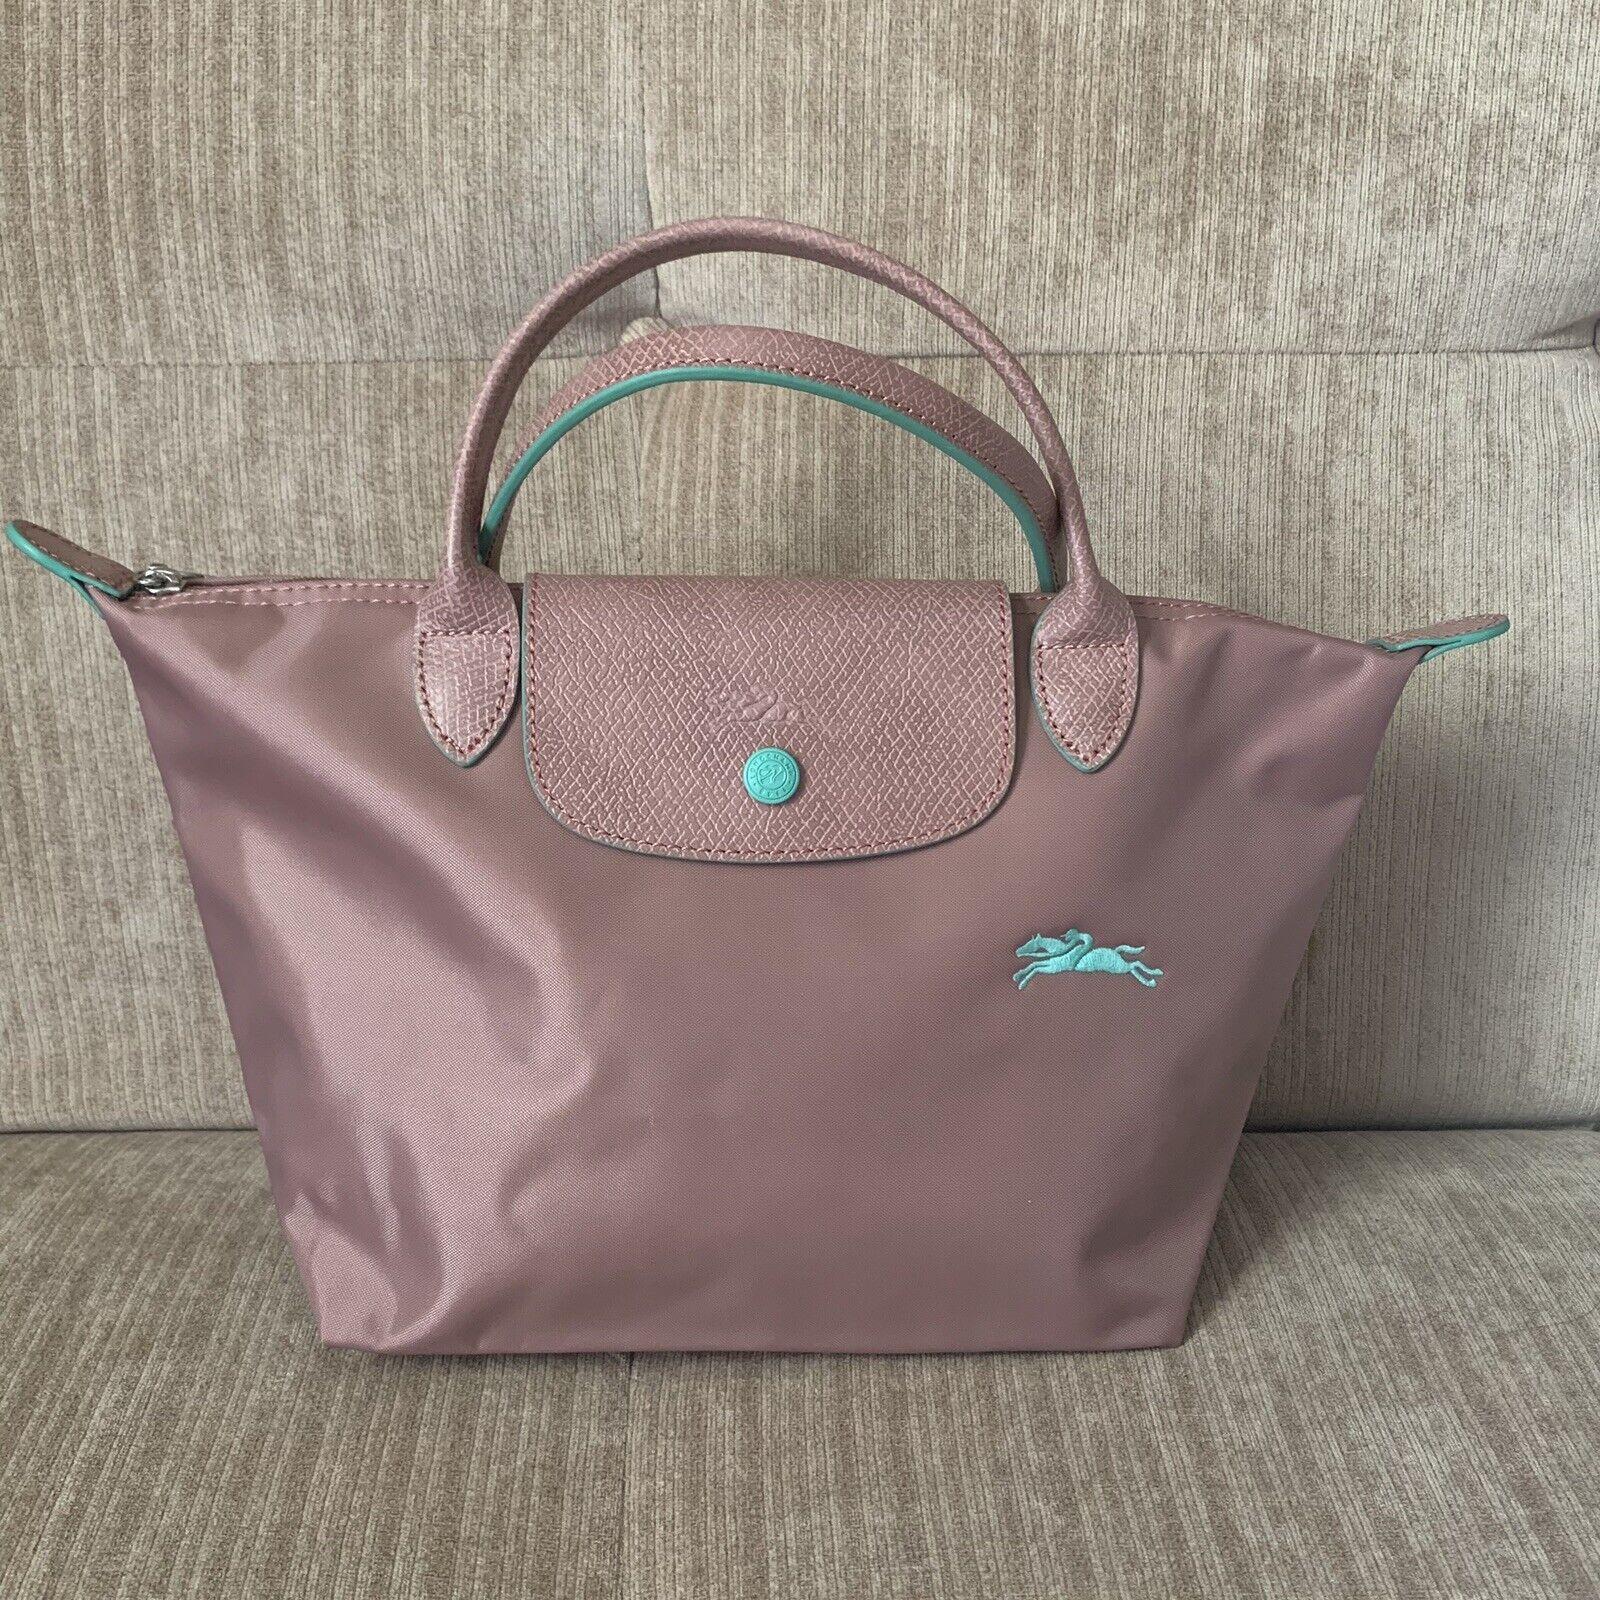 Details About Auth Longchamp Le Pliage Club Small Antique Pink Nylon Short Leather Handle Bag